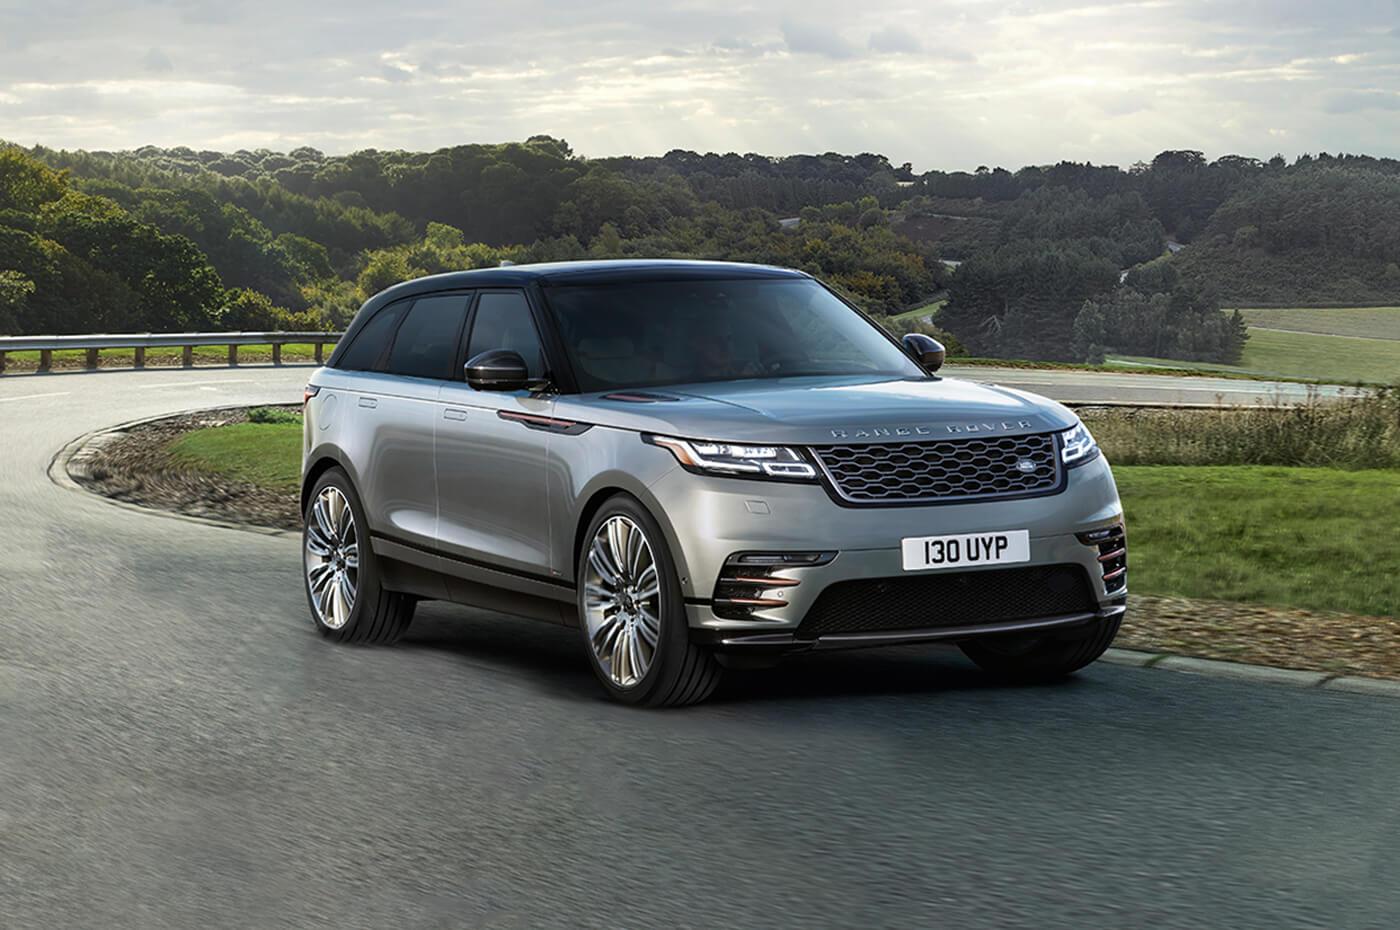 Range Rover Velar for rent